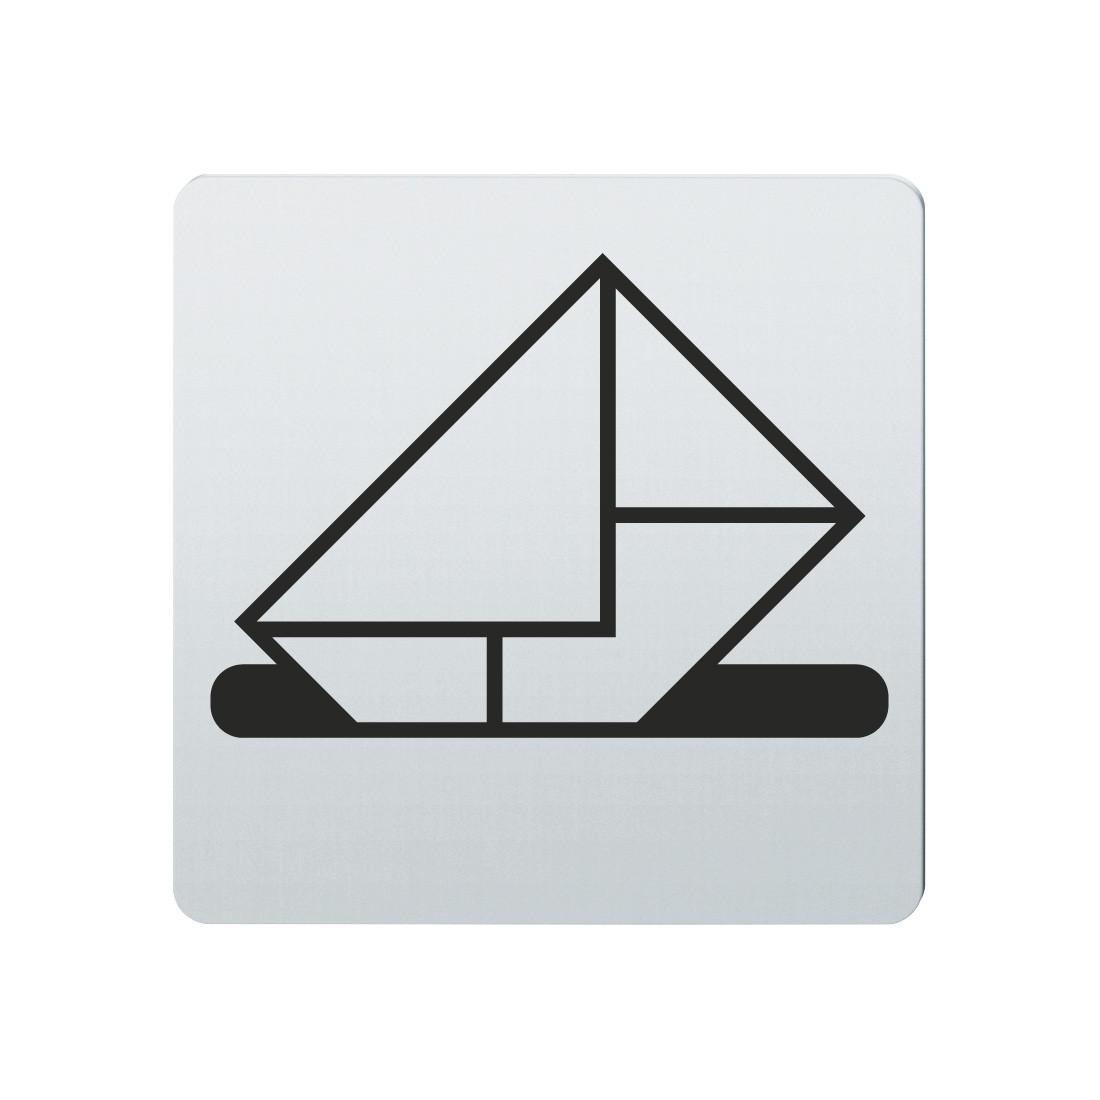 FSB Hinweiszeichen Briefkasten Lasergraviert Edelstahl fein matt (0 36 4059 00213 6204)